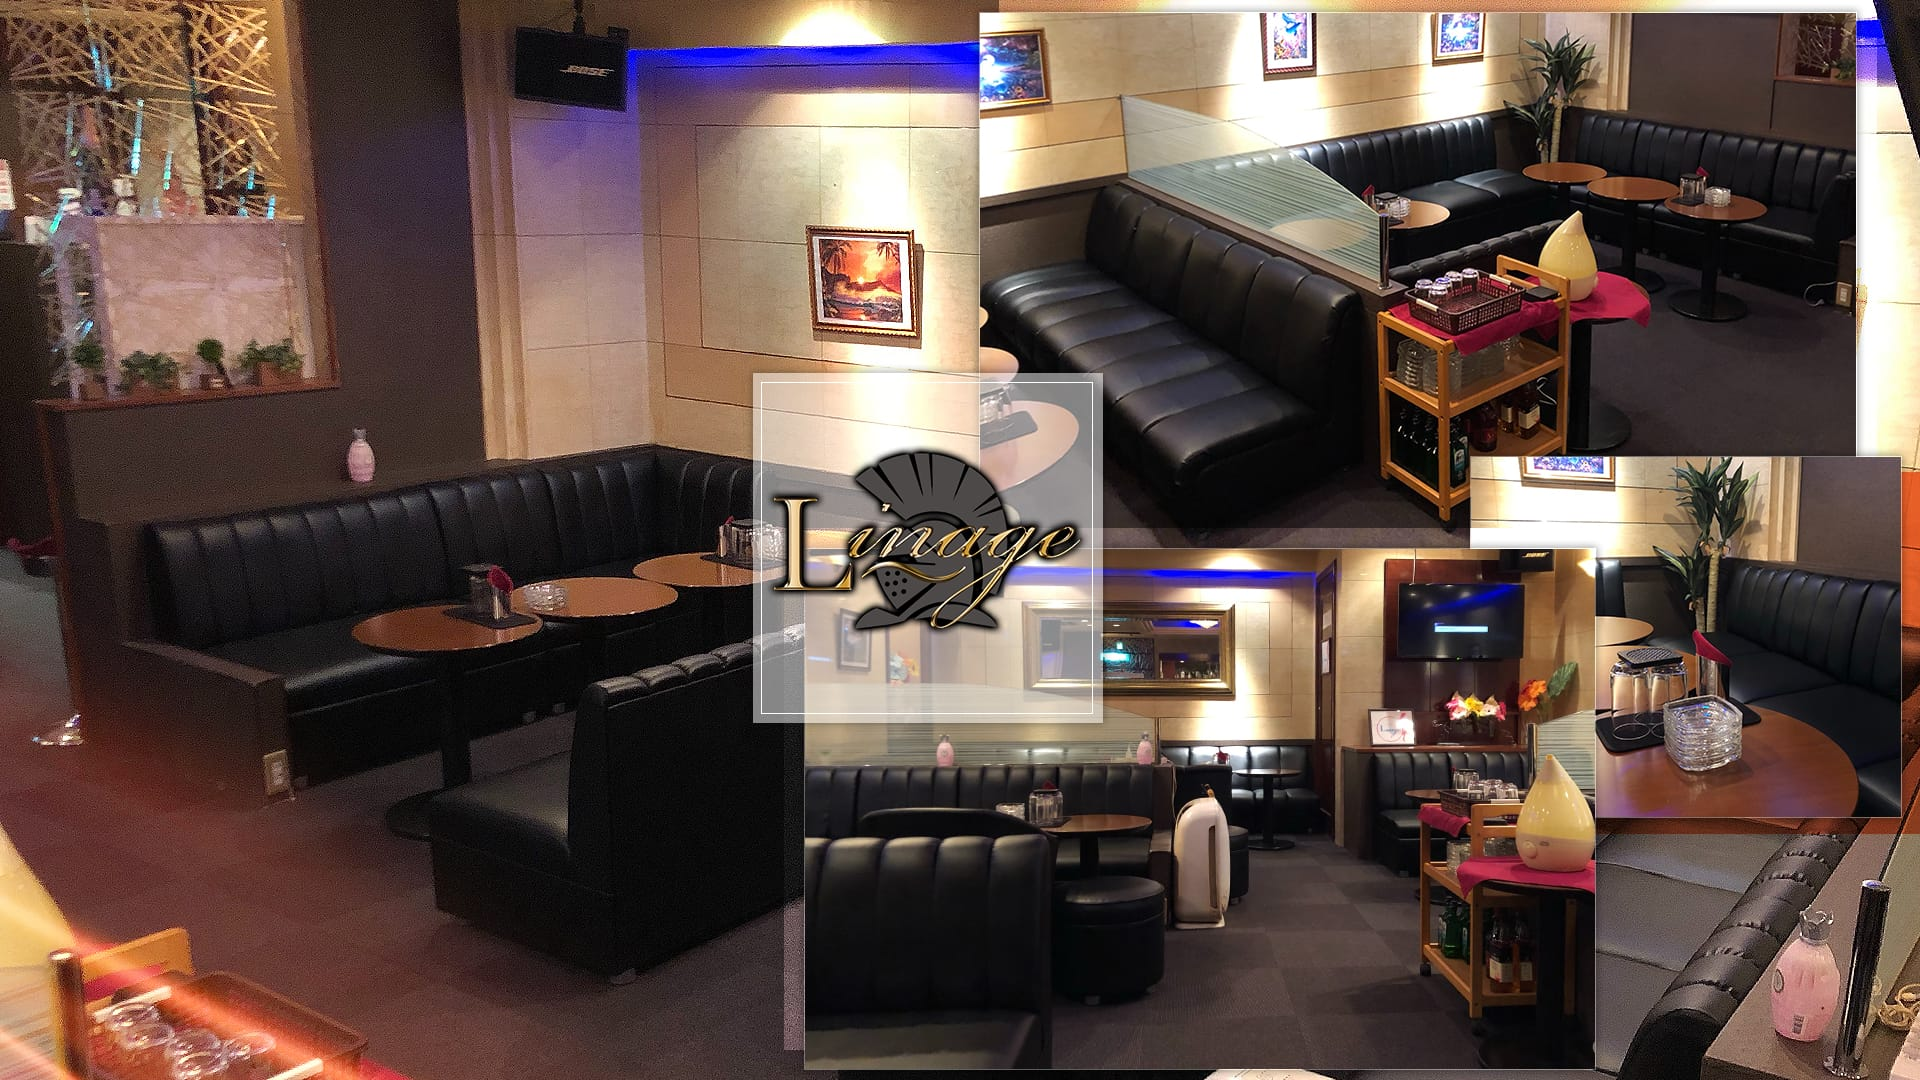 Club Linage(クラブリネージュ) 静岡キャバクラ TOP画像